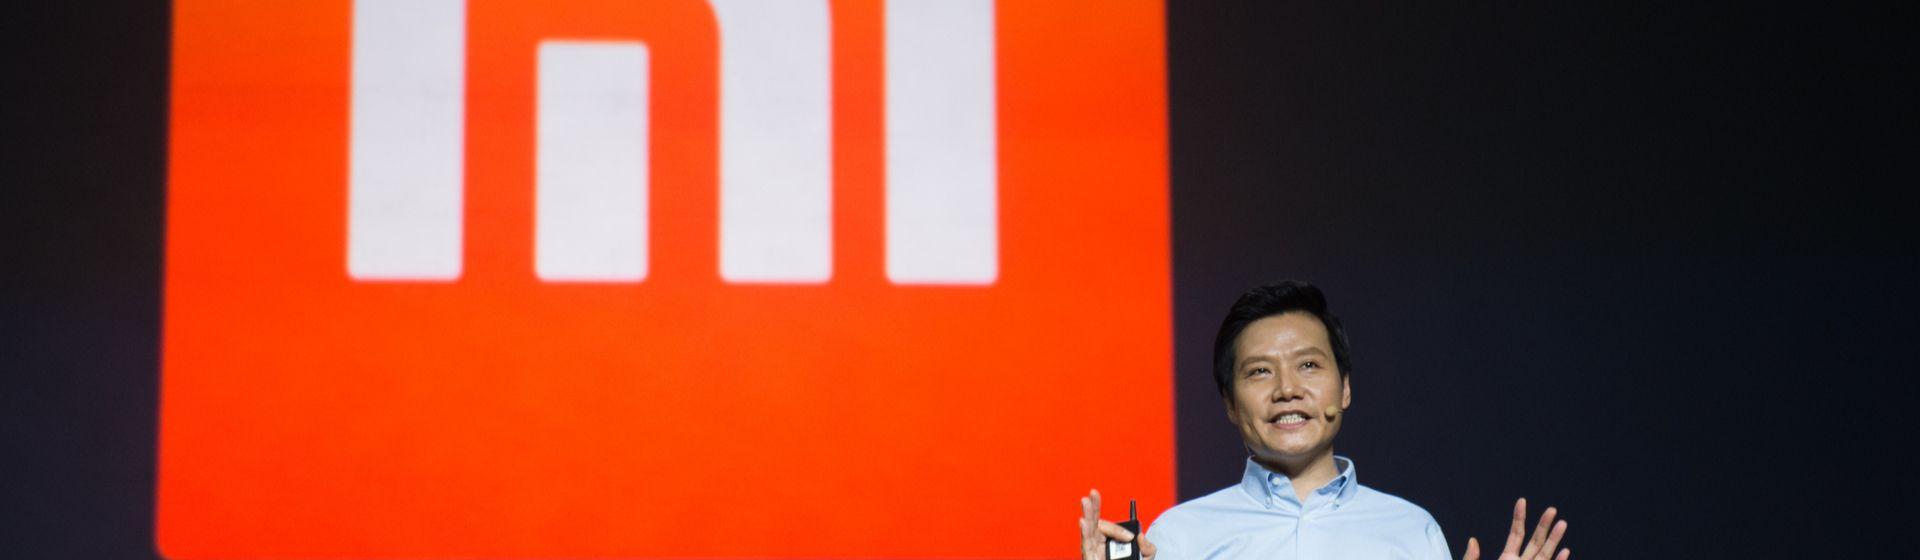 Xiaomi lança RedmiBook 13, 14 e 16 com processadores Ryzen 4000